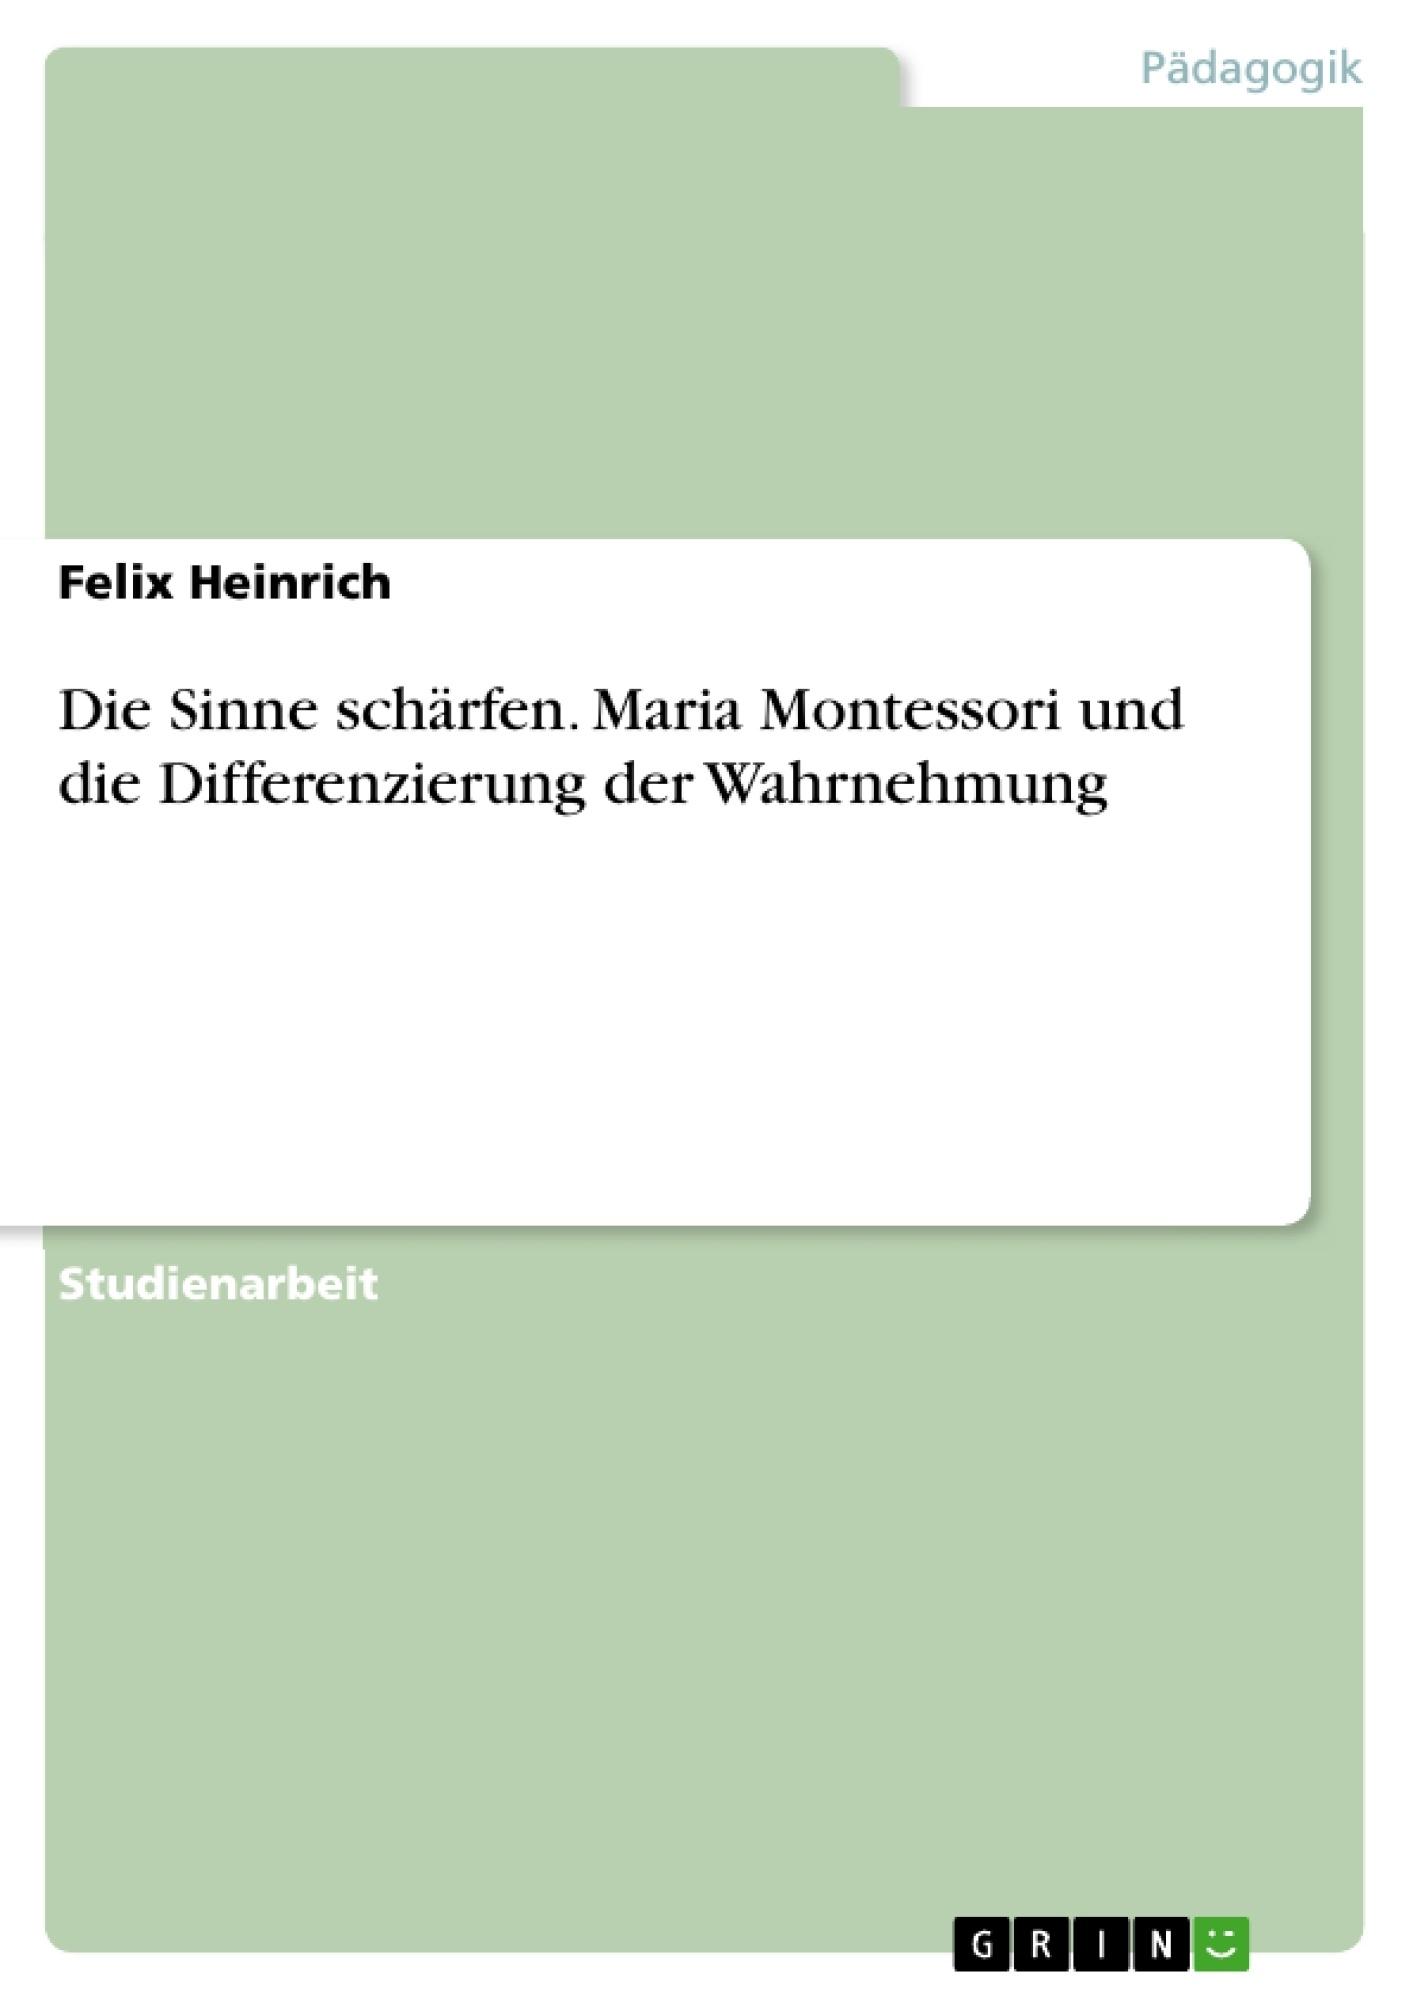 Titel: Die Sinne schärfen. Maria Montessori und die Differenzierung der Wahrnehmung